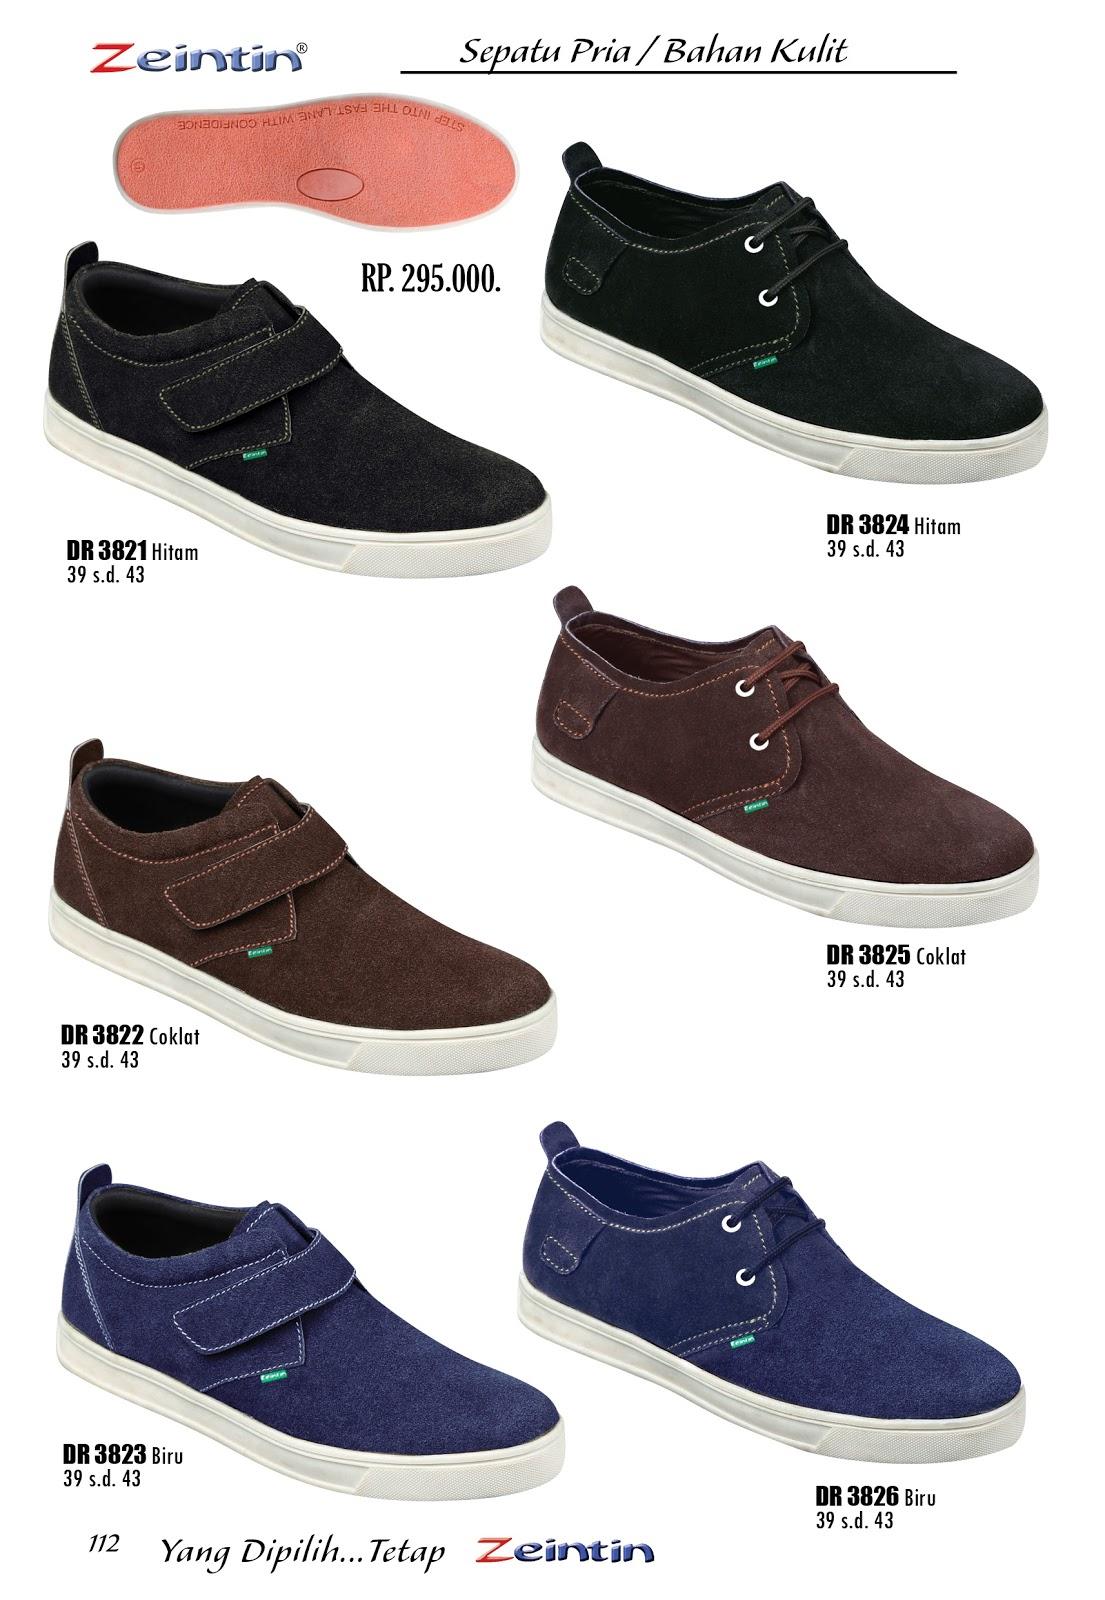 Sepatu Gaul Pria